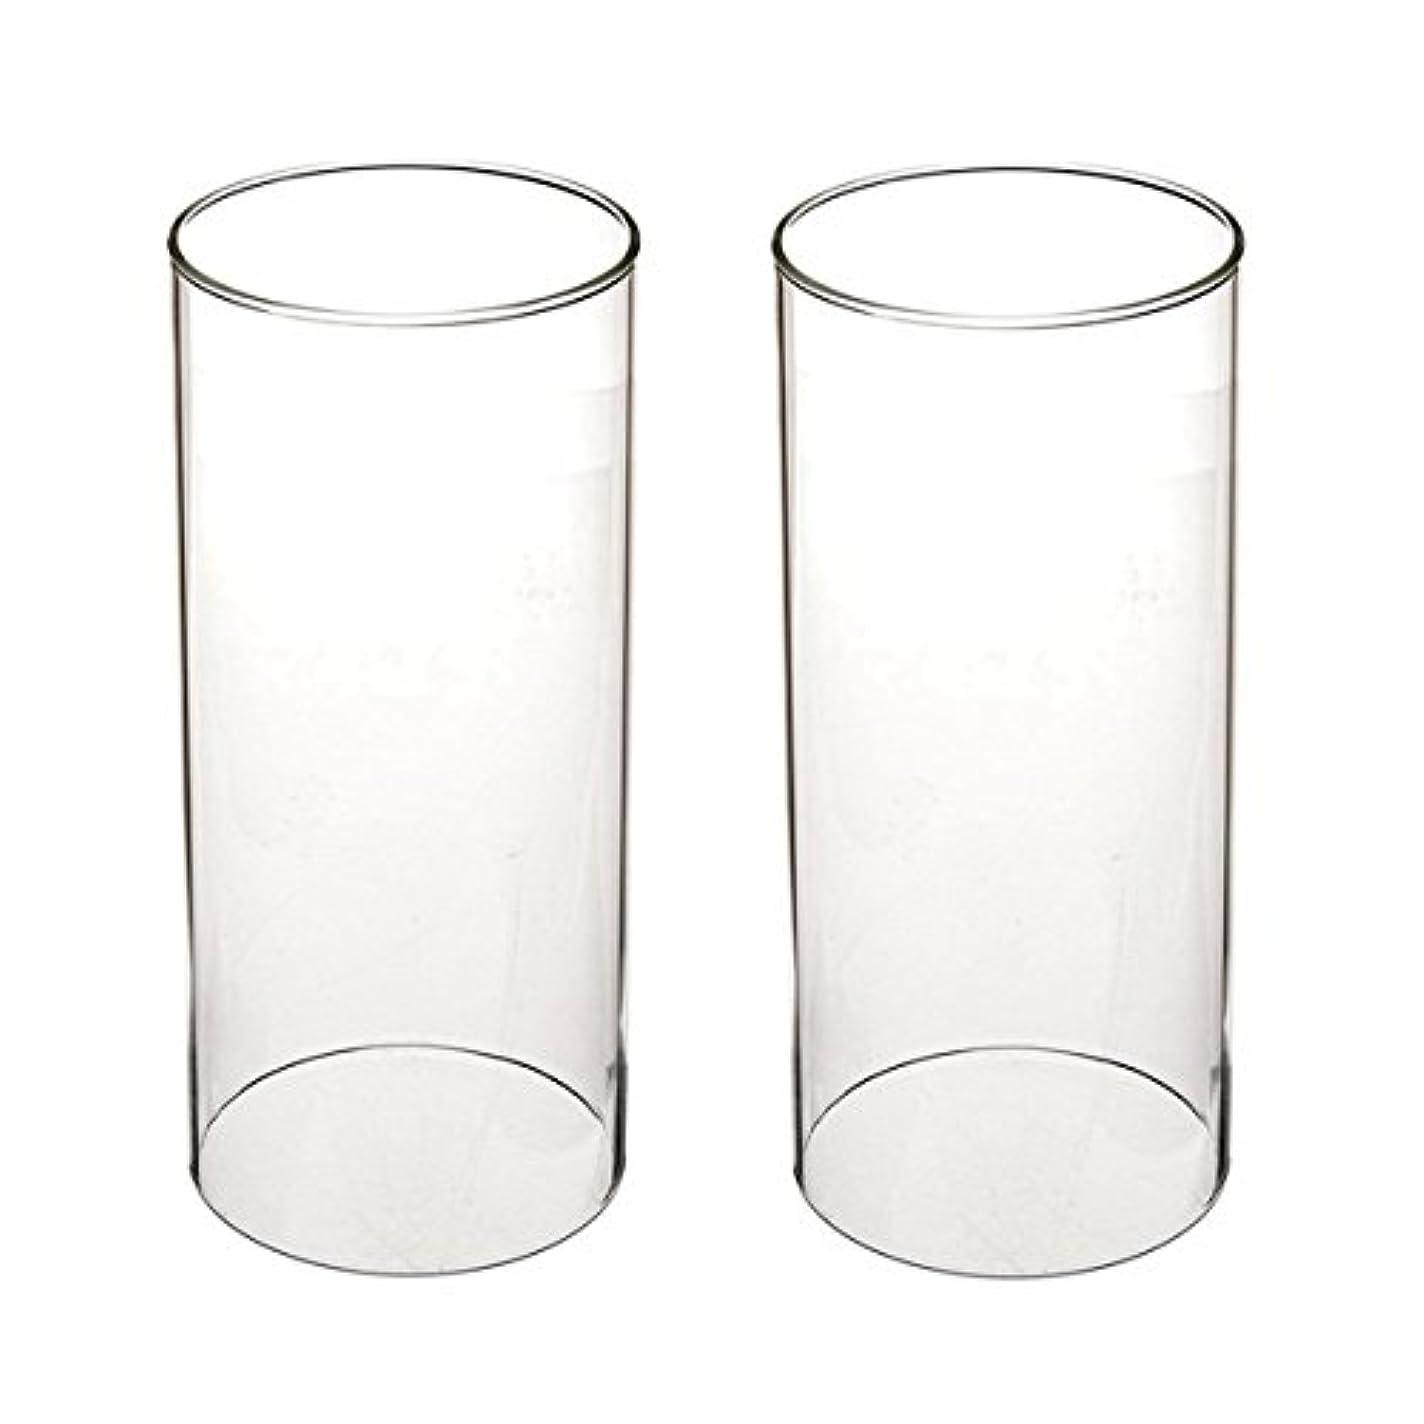 通訳不定遺跡ガラス煙突for Candleオープンエンド、ホウケイ酸ガラス( d3 h8